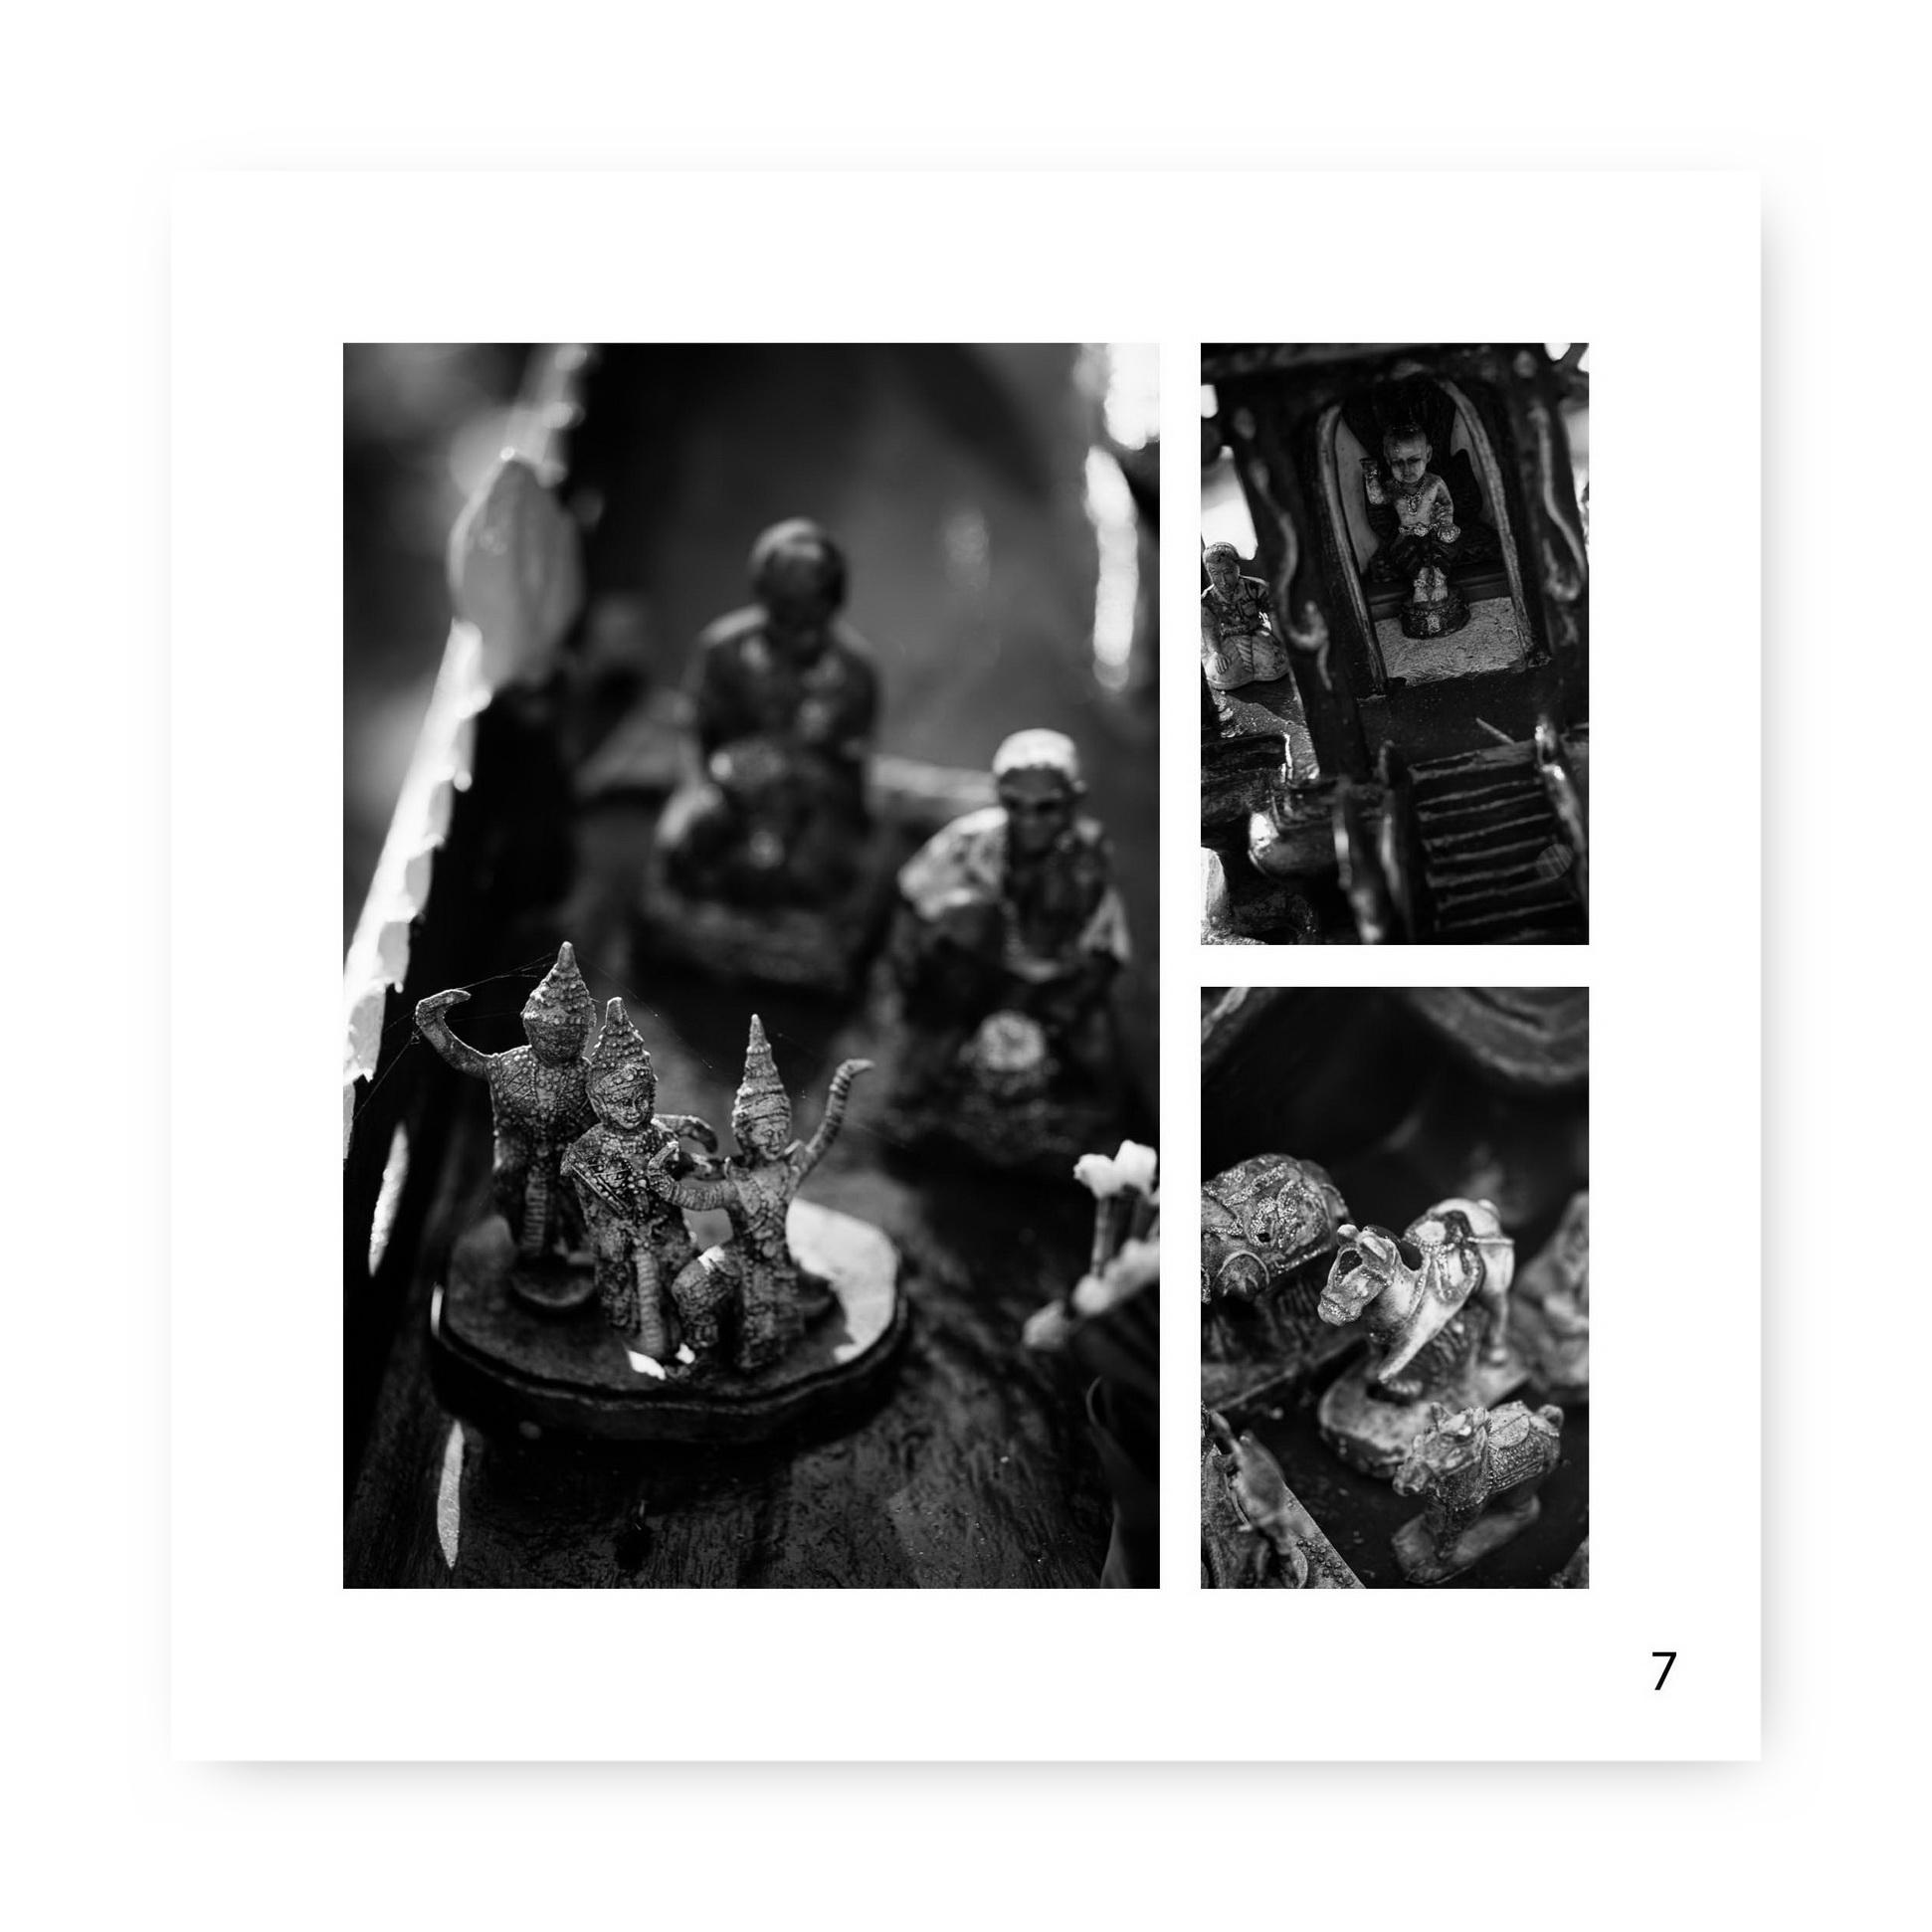 Beispielseite aus meinem aktuellen Fotobuchprojekt